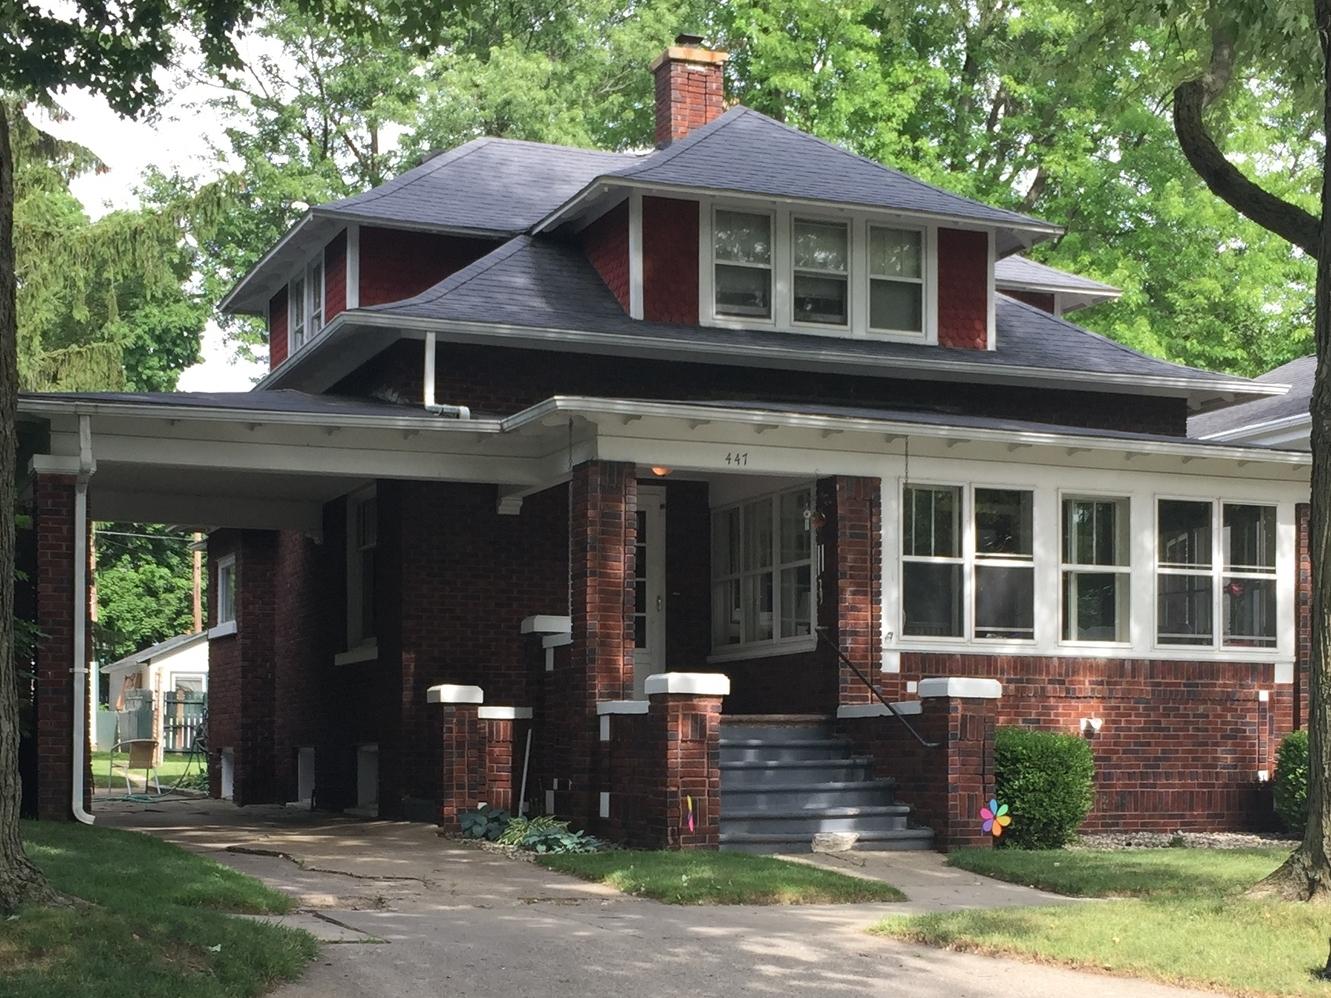 447 Dennis Street, c. 1920